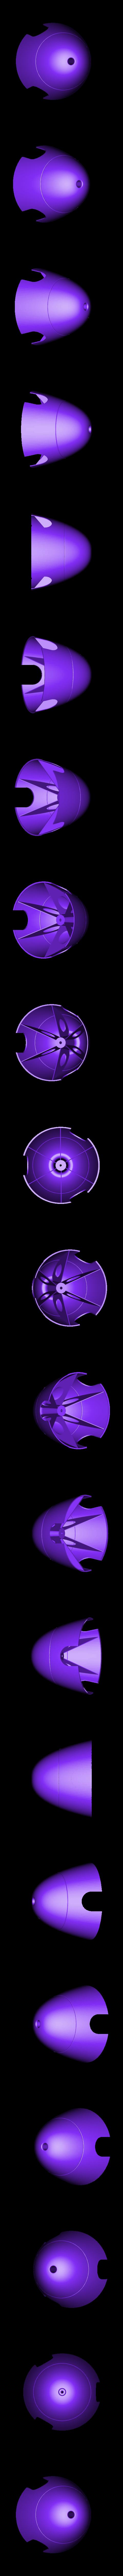 Spinner01.STL Télécharger fichier STL gratuit Accessoires pour le Hobbyking (Piccole Ali) Macchi C.205 Veltro ARF • Modèle pour impression 3D, tahustvedt